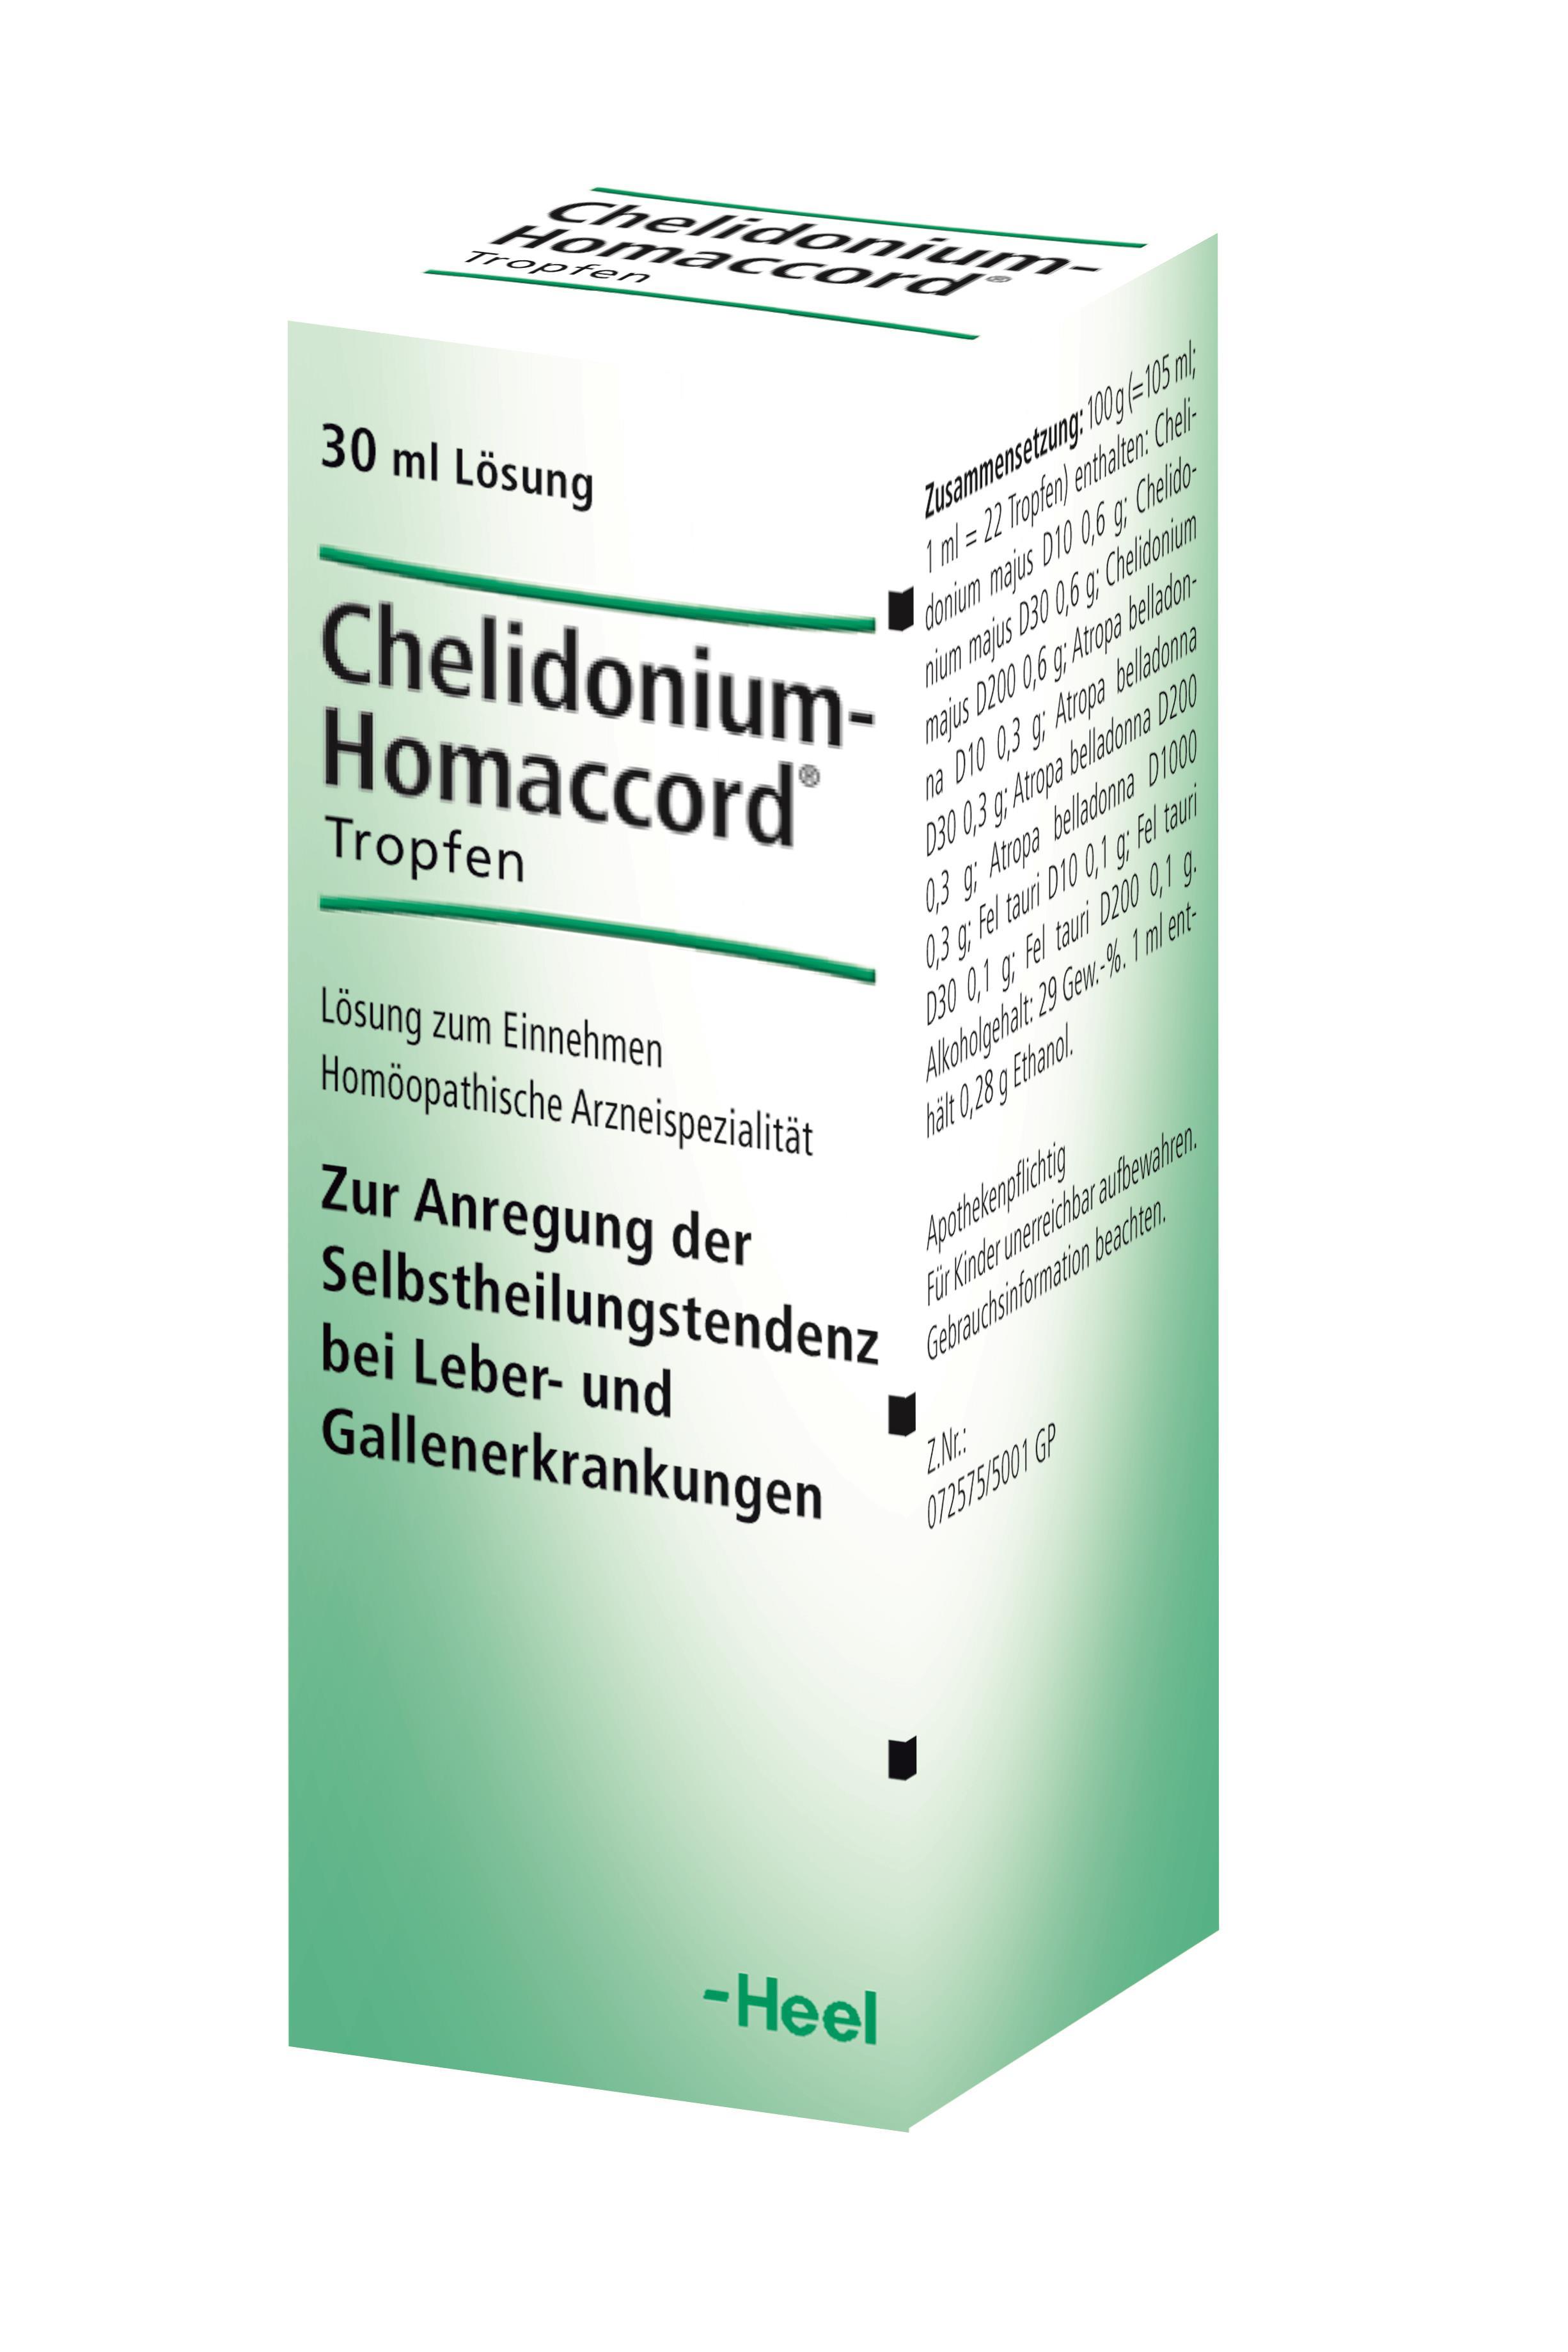 Cheledonium Homaccord®